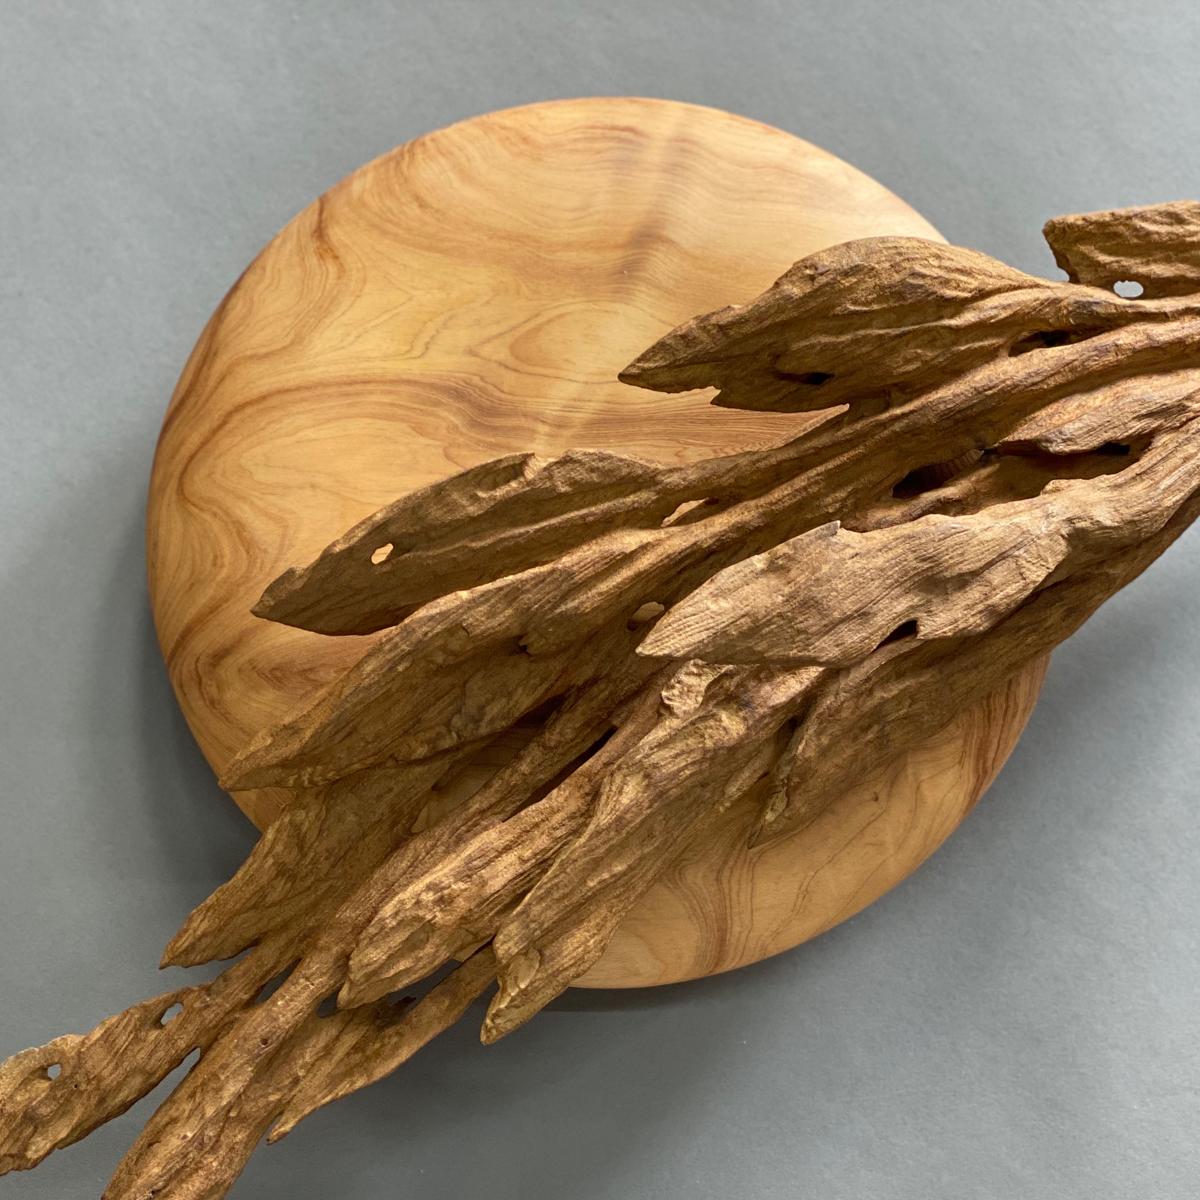 創作者的生活離不開 藝術, 藝術 也離不開生活。 董旻晋 ( 董明晉 )回首生命中每一種經歷、每一段時間片刻,都有值得再三回味的風景。木頭以陽光、雨水和空氣為養分,靜靜默默與千年作伴,是一種天地共養的大美,令人相信生命自有出路;那種隨時間刻印在 木雕 作品 上的風化印記、自然有機的美,令人驚艷。